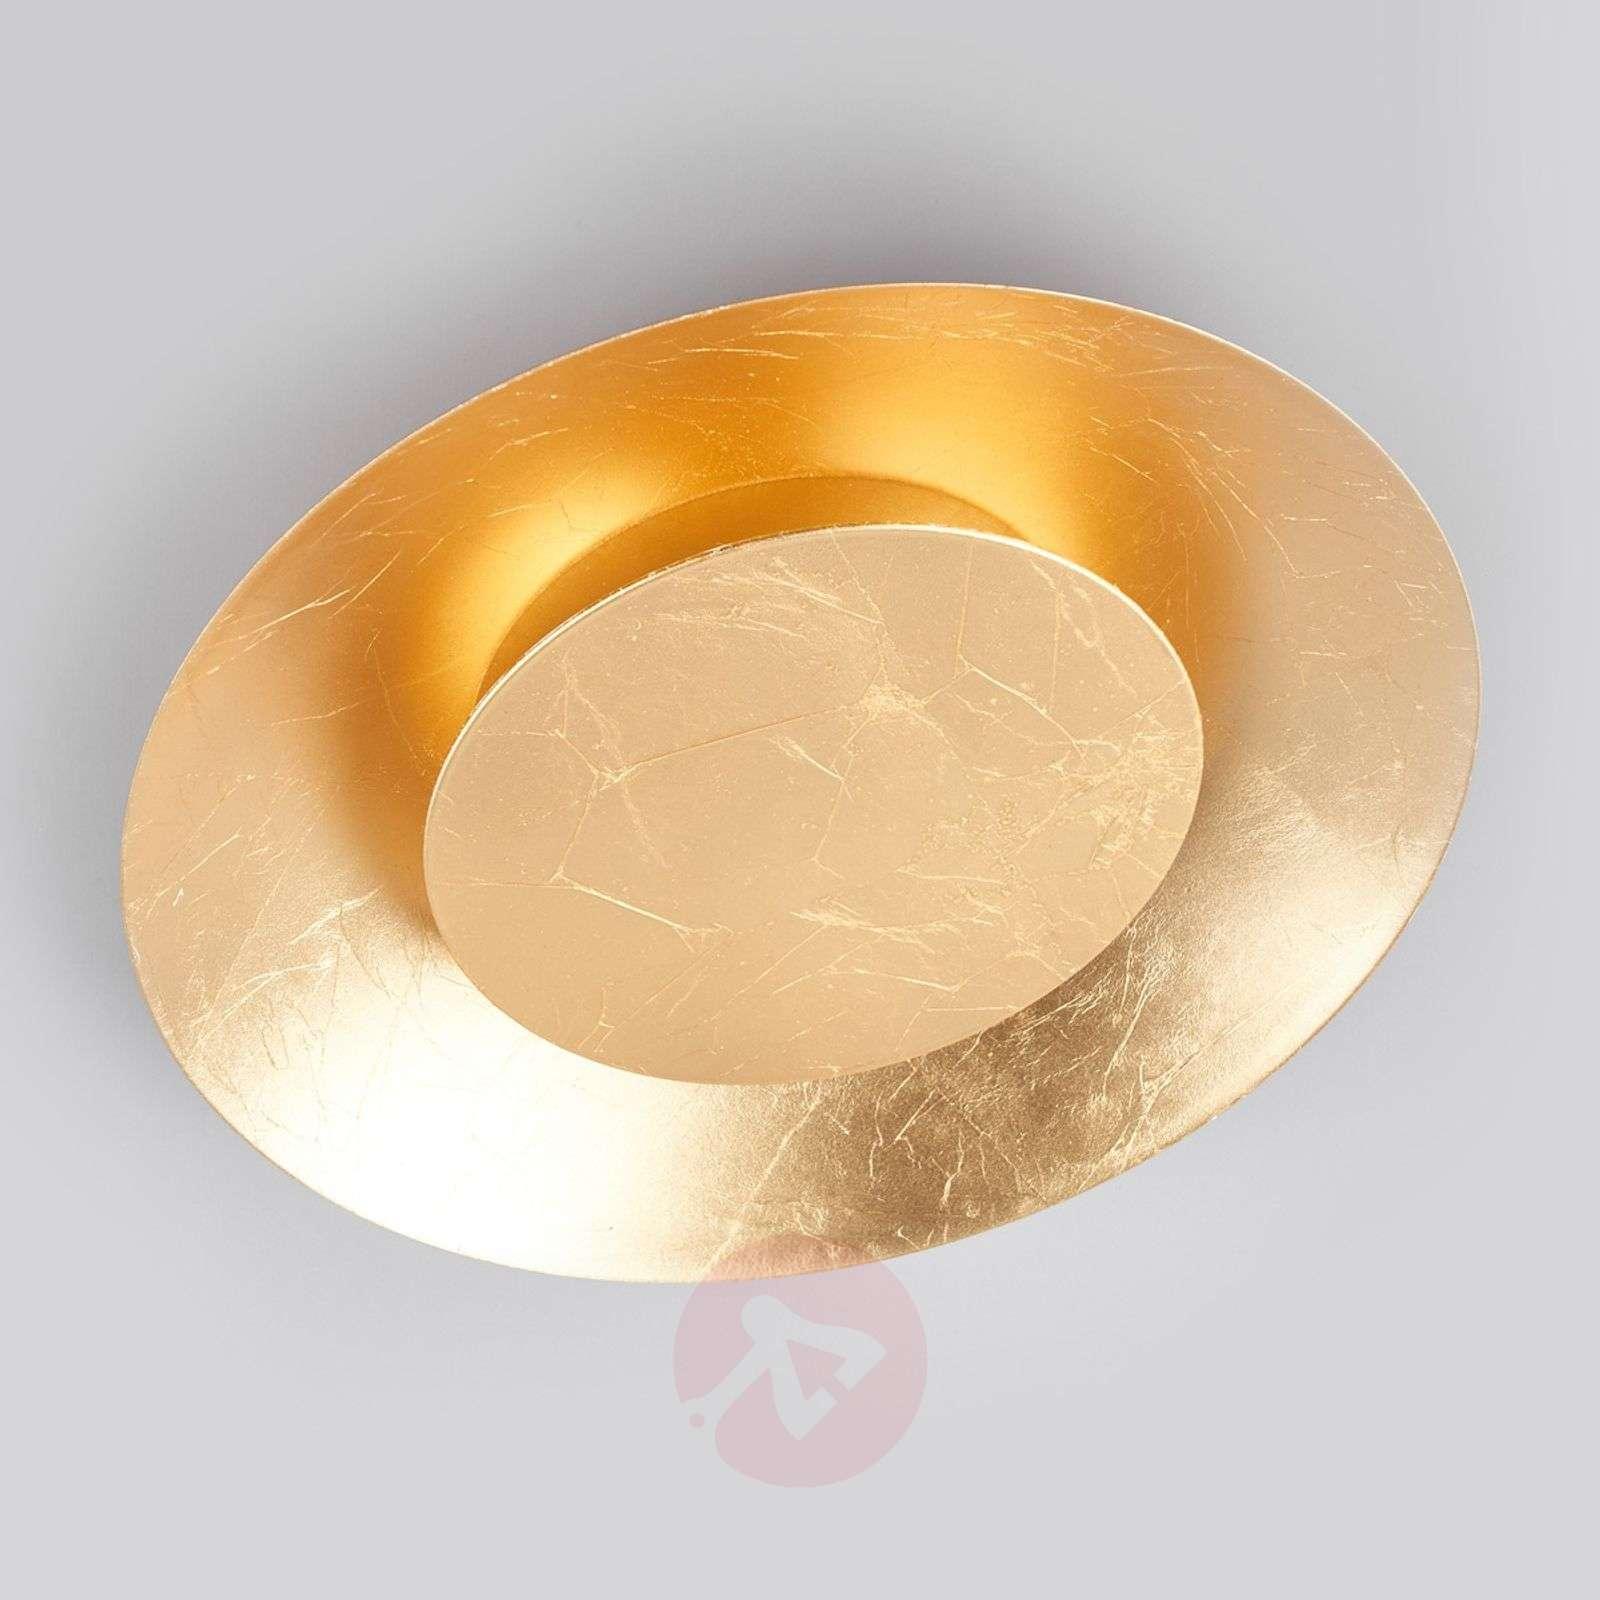 Gold coloured led ceiling light keti lights gold coloured led ceiling light keti 9625046 01 aloadofball Gallery